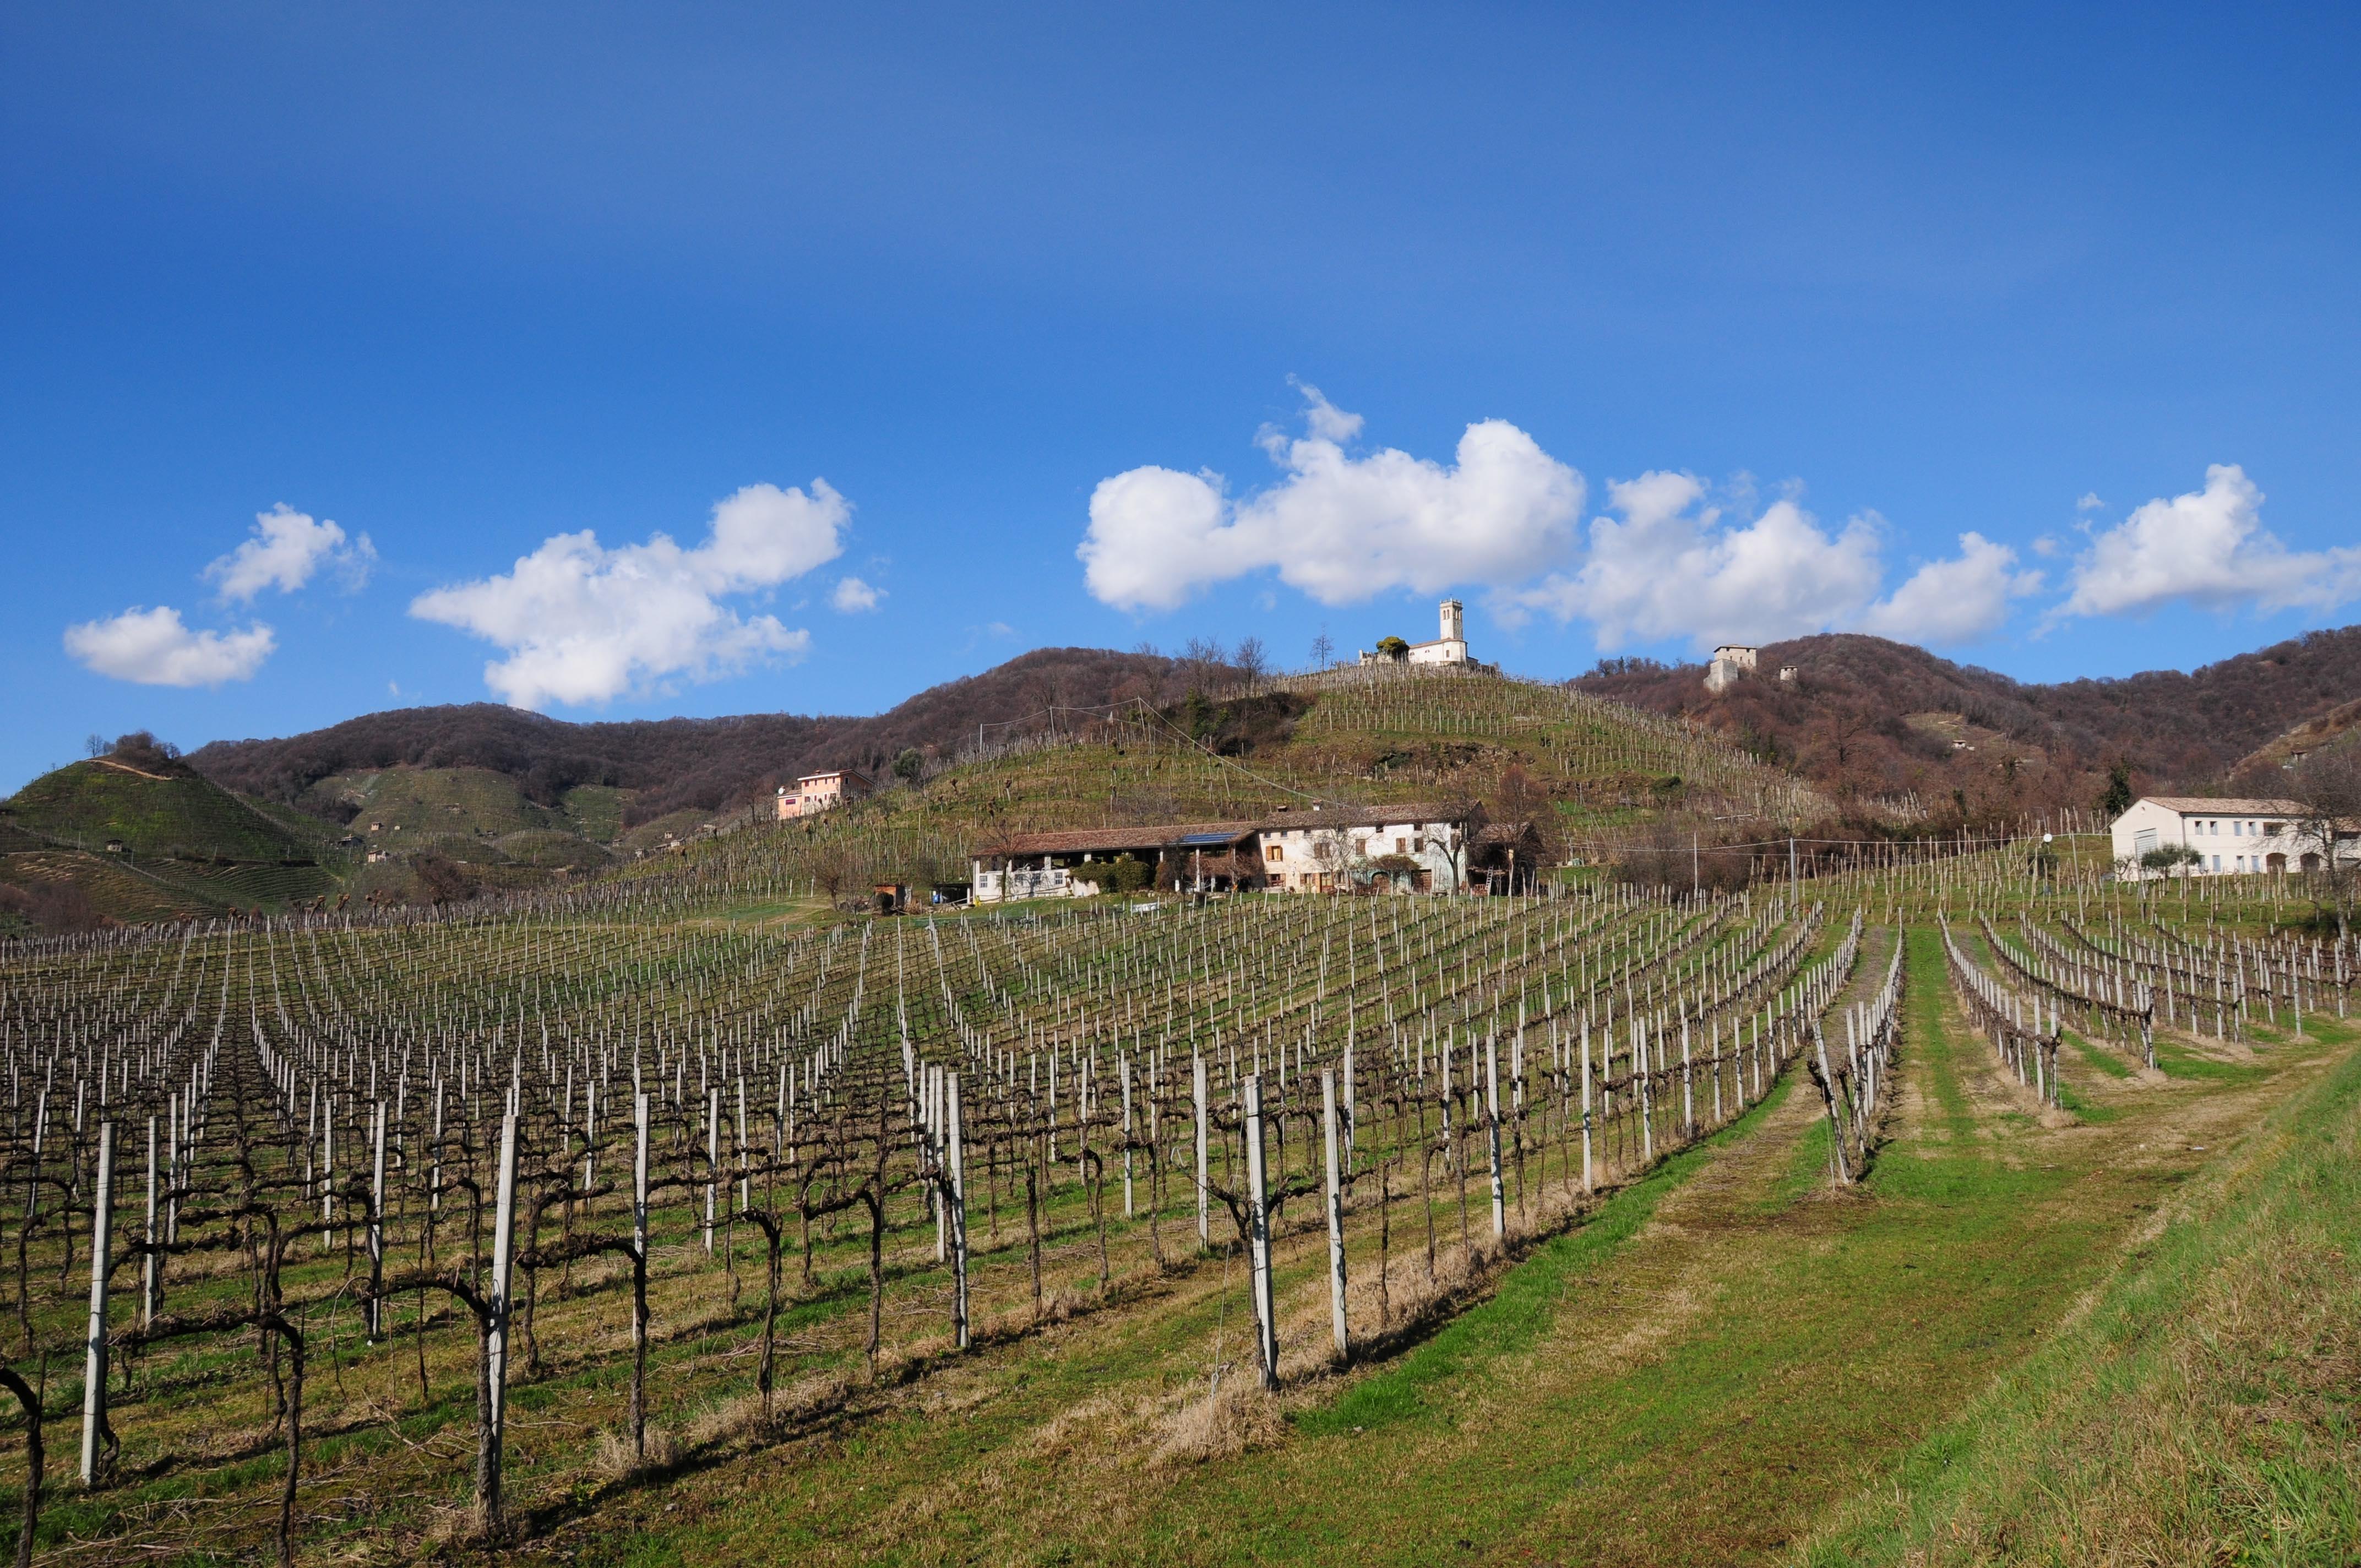 Le colline del Prosecco (ph. Germana Cabrelle)